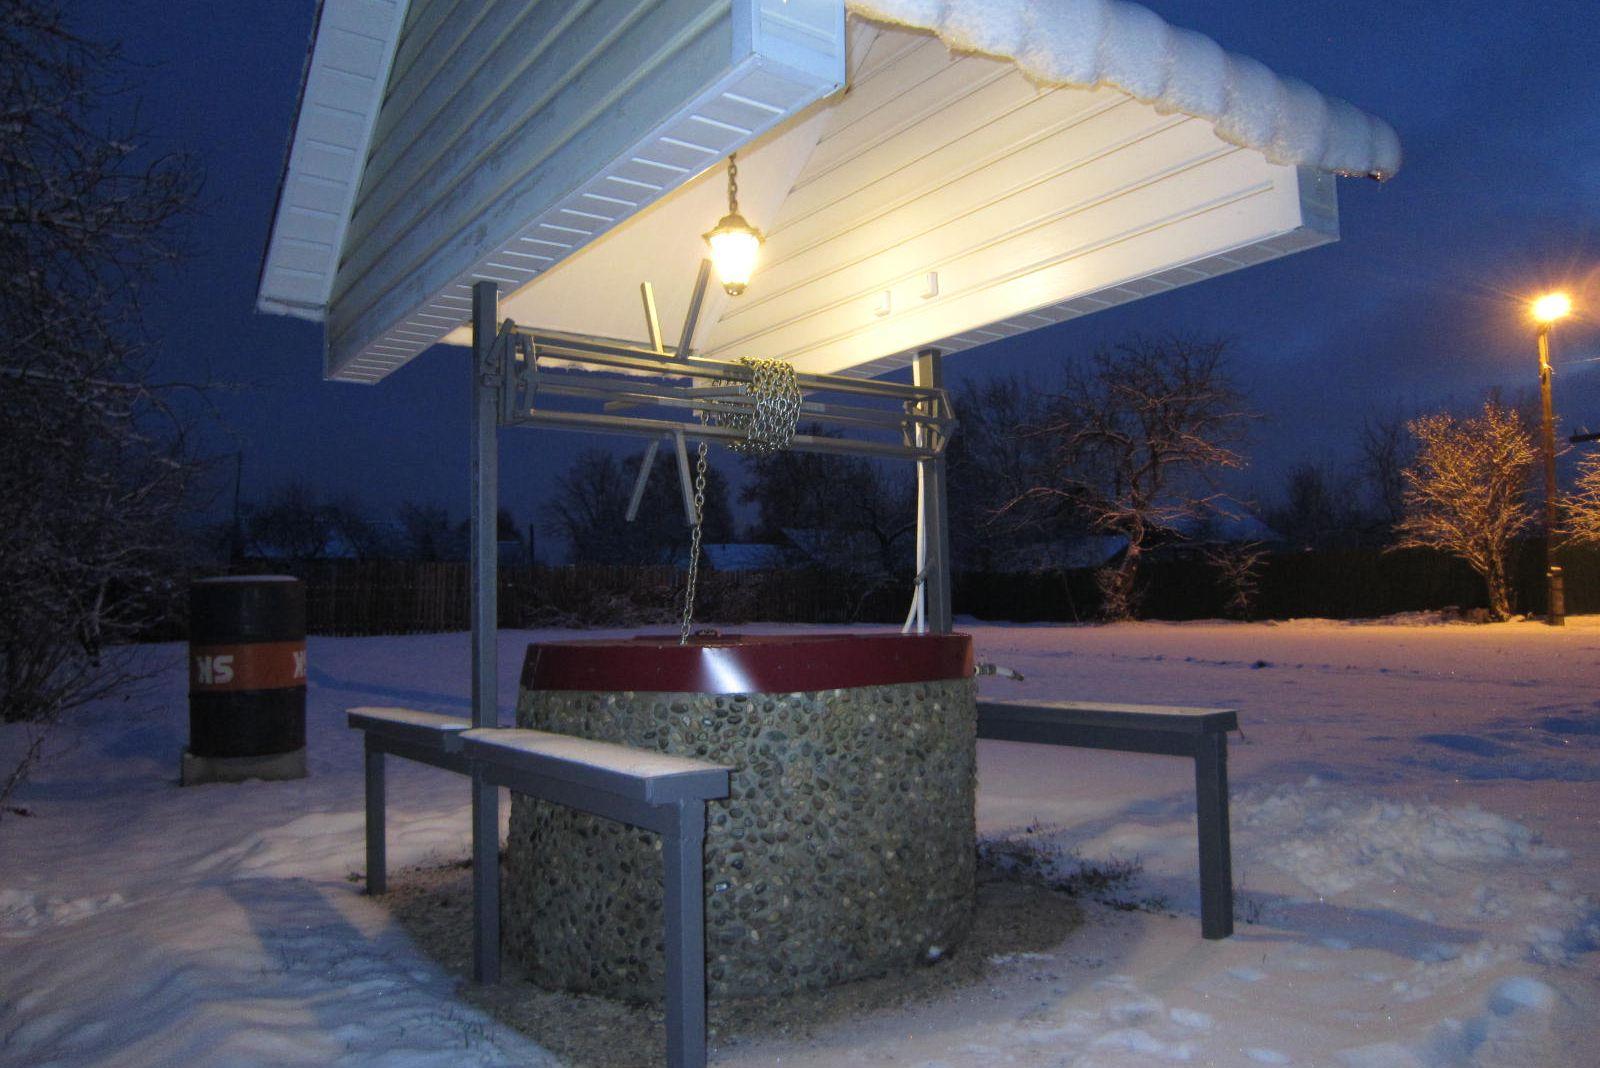 Способы утепления колодца на зиму. Теплоизоляция с помощью пенополиуретана